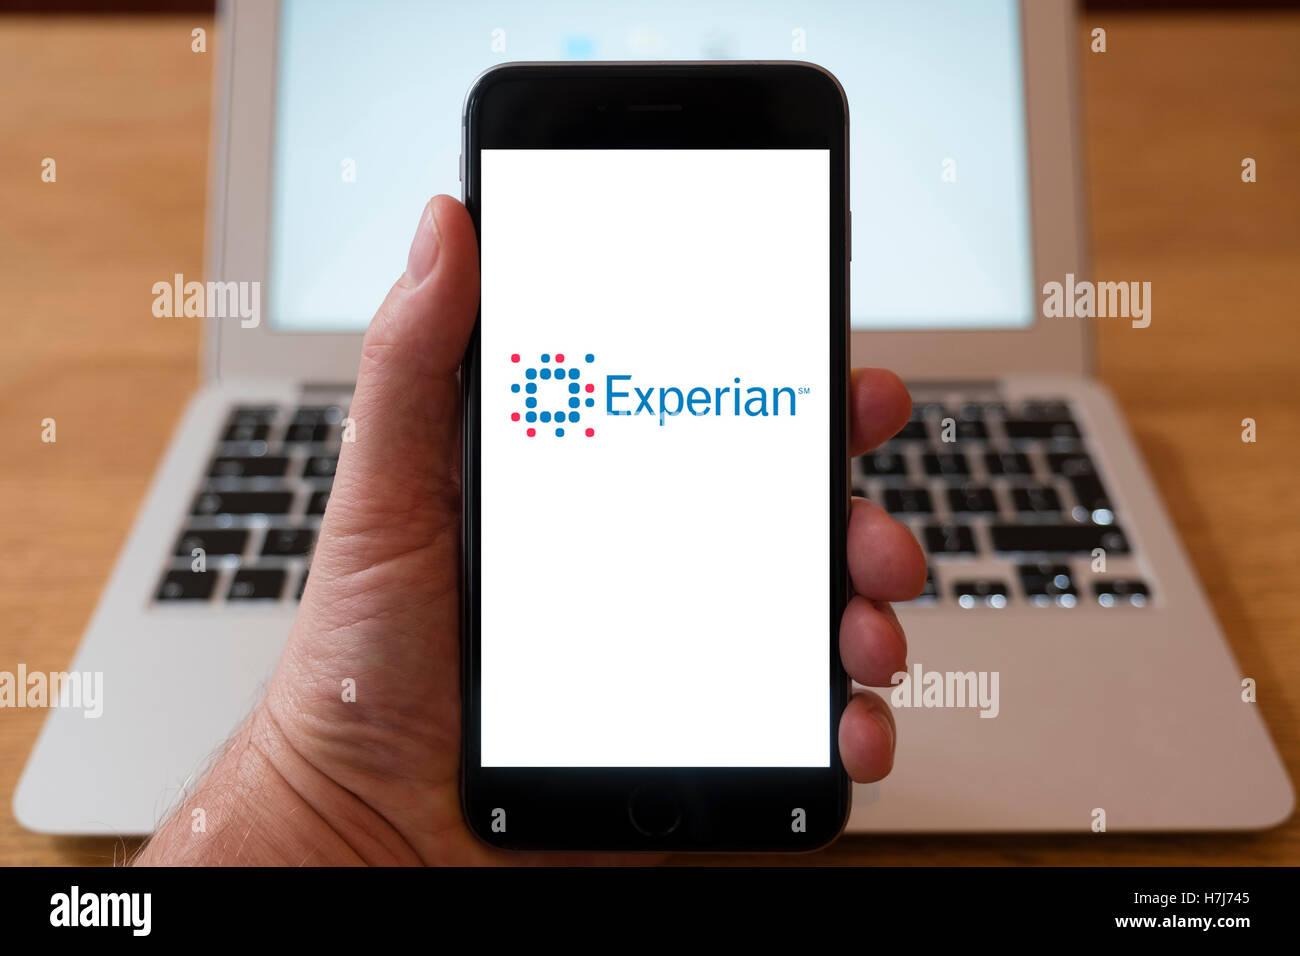 Mit iPhone Smartphone zum Logo von Experian der global Information Services Group anzeigen Stockbild